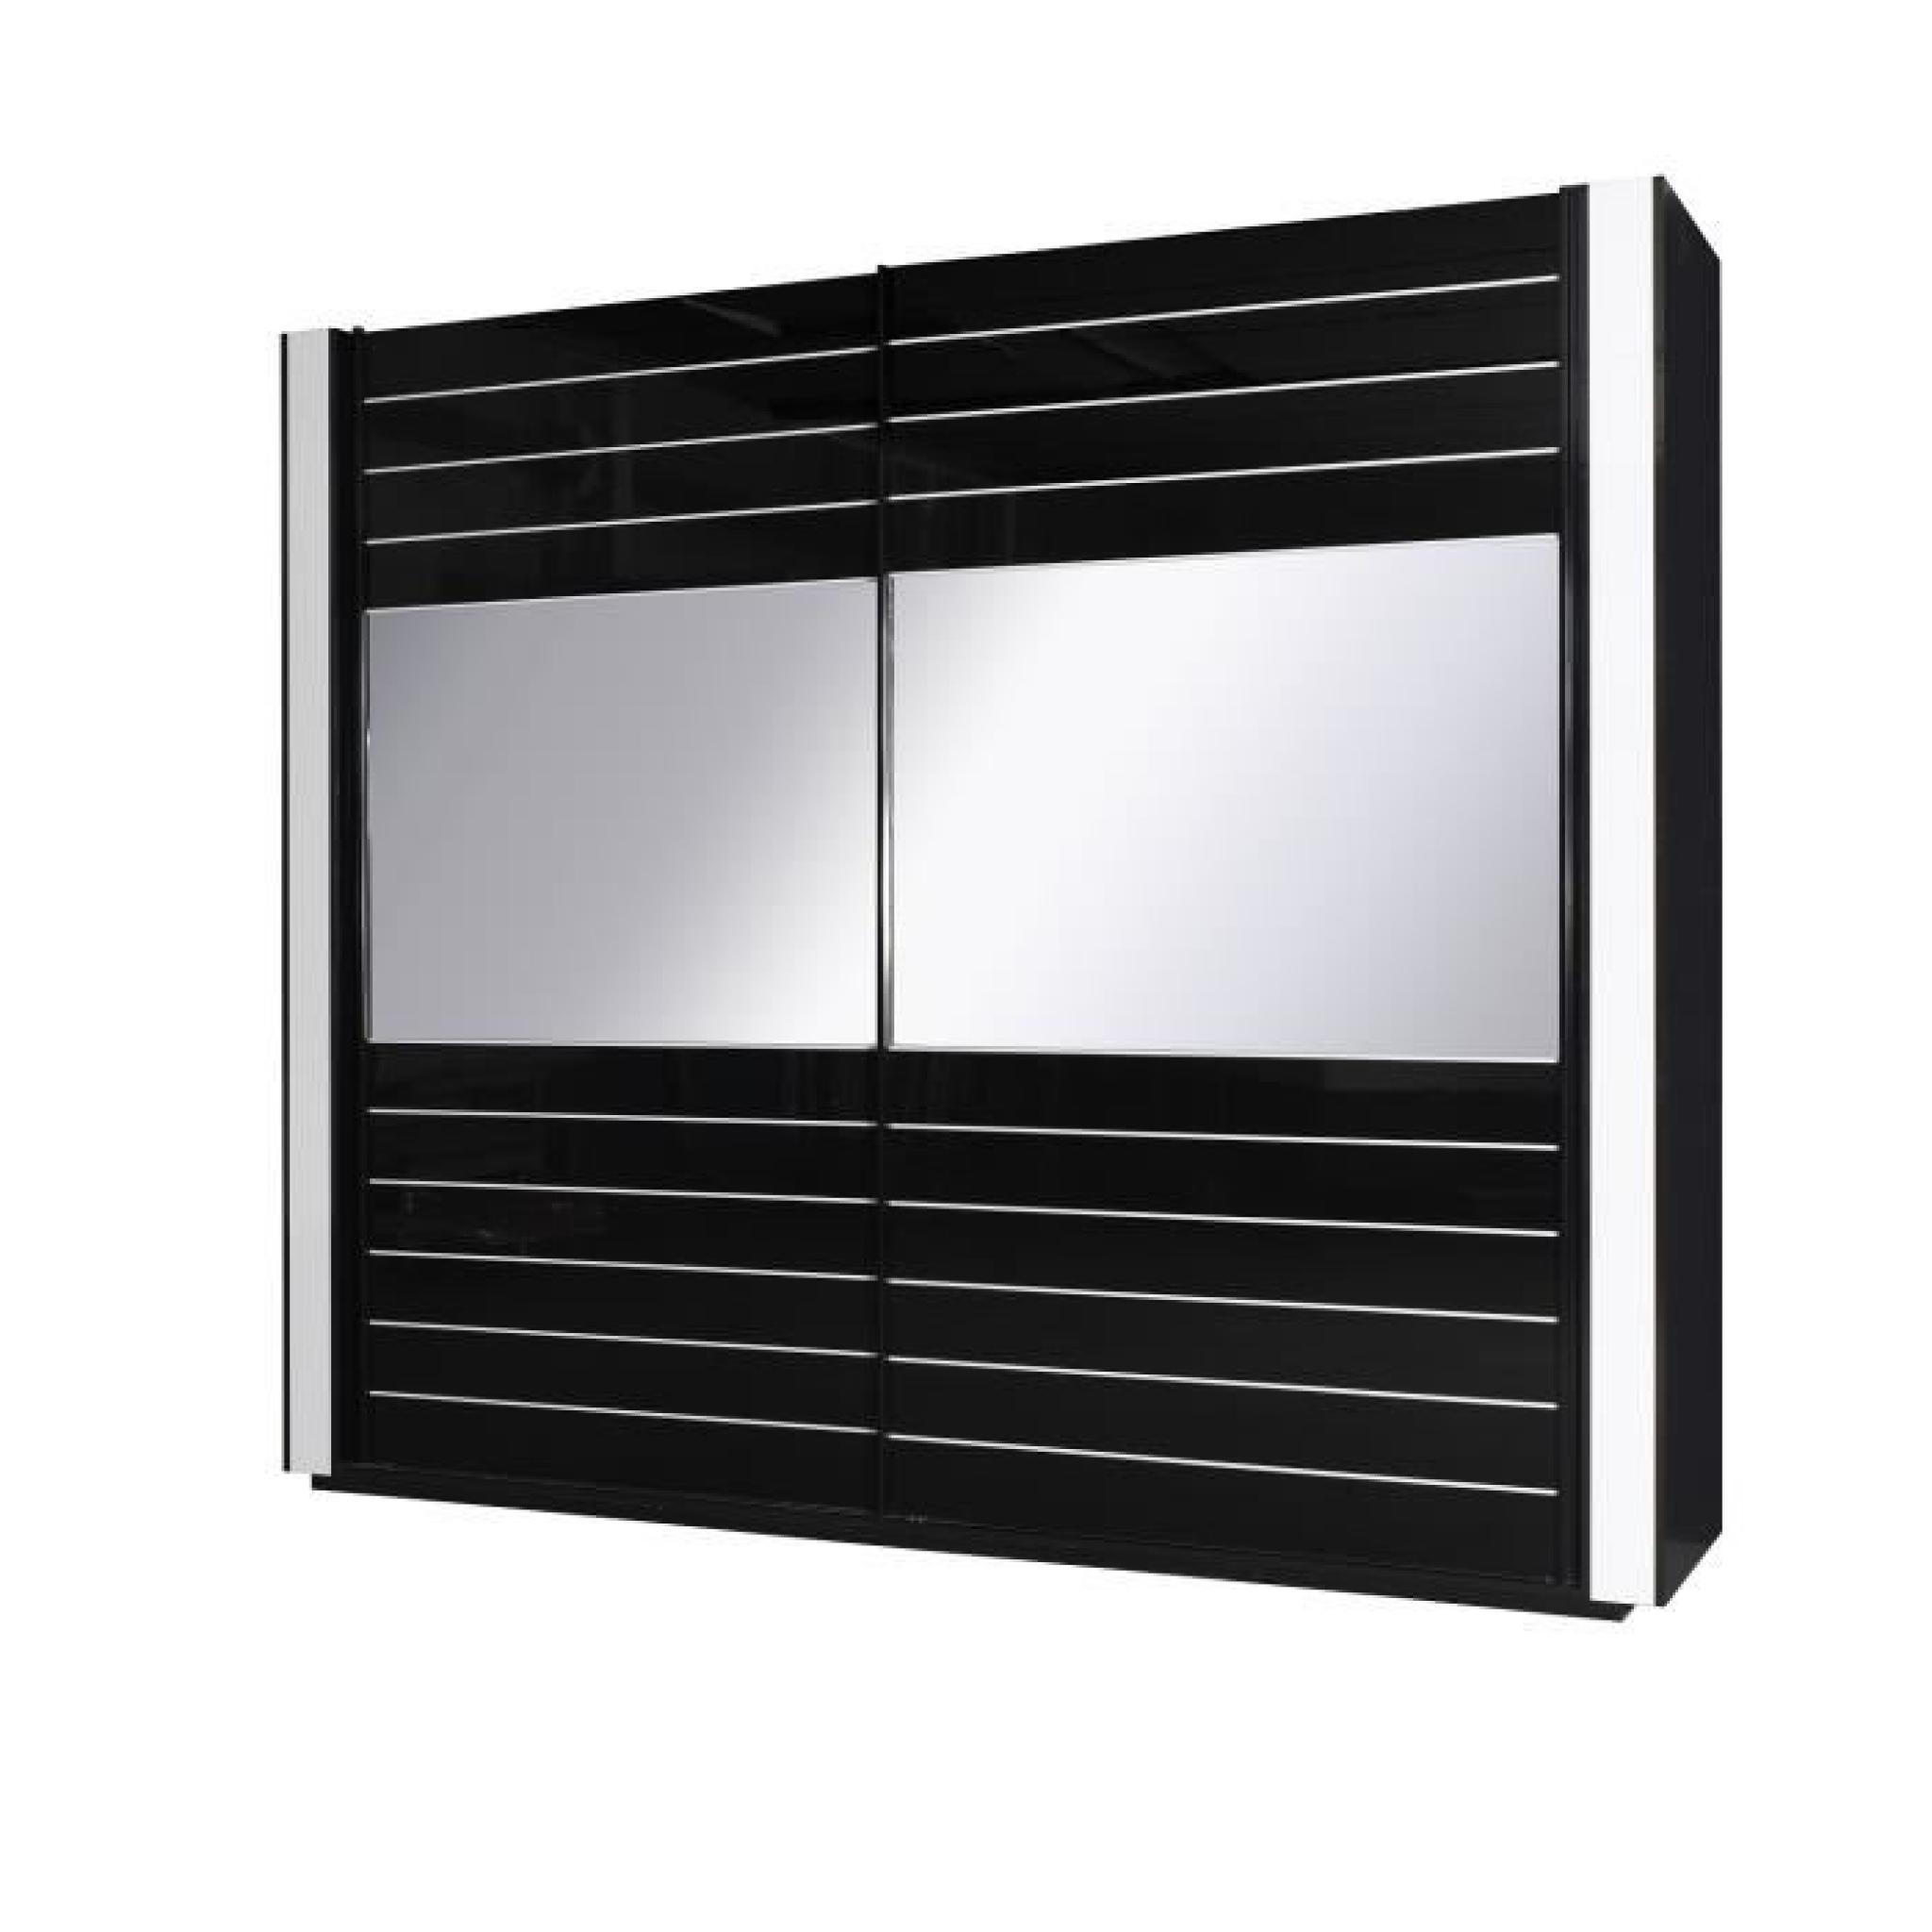 Armoire lina noir et blanche laqu e tout quip e meuble for Armoire de chambre a coucher pas cher